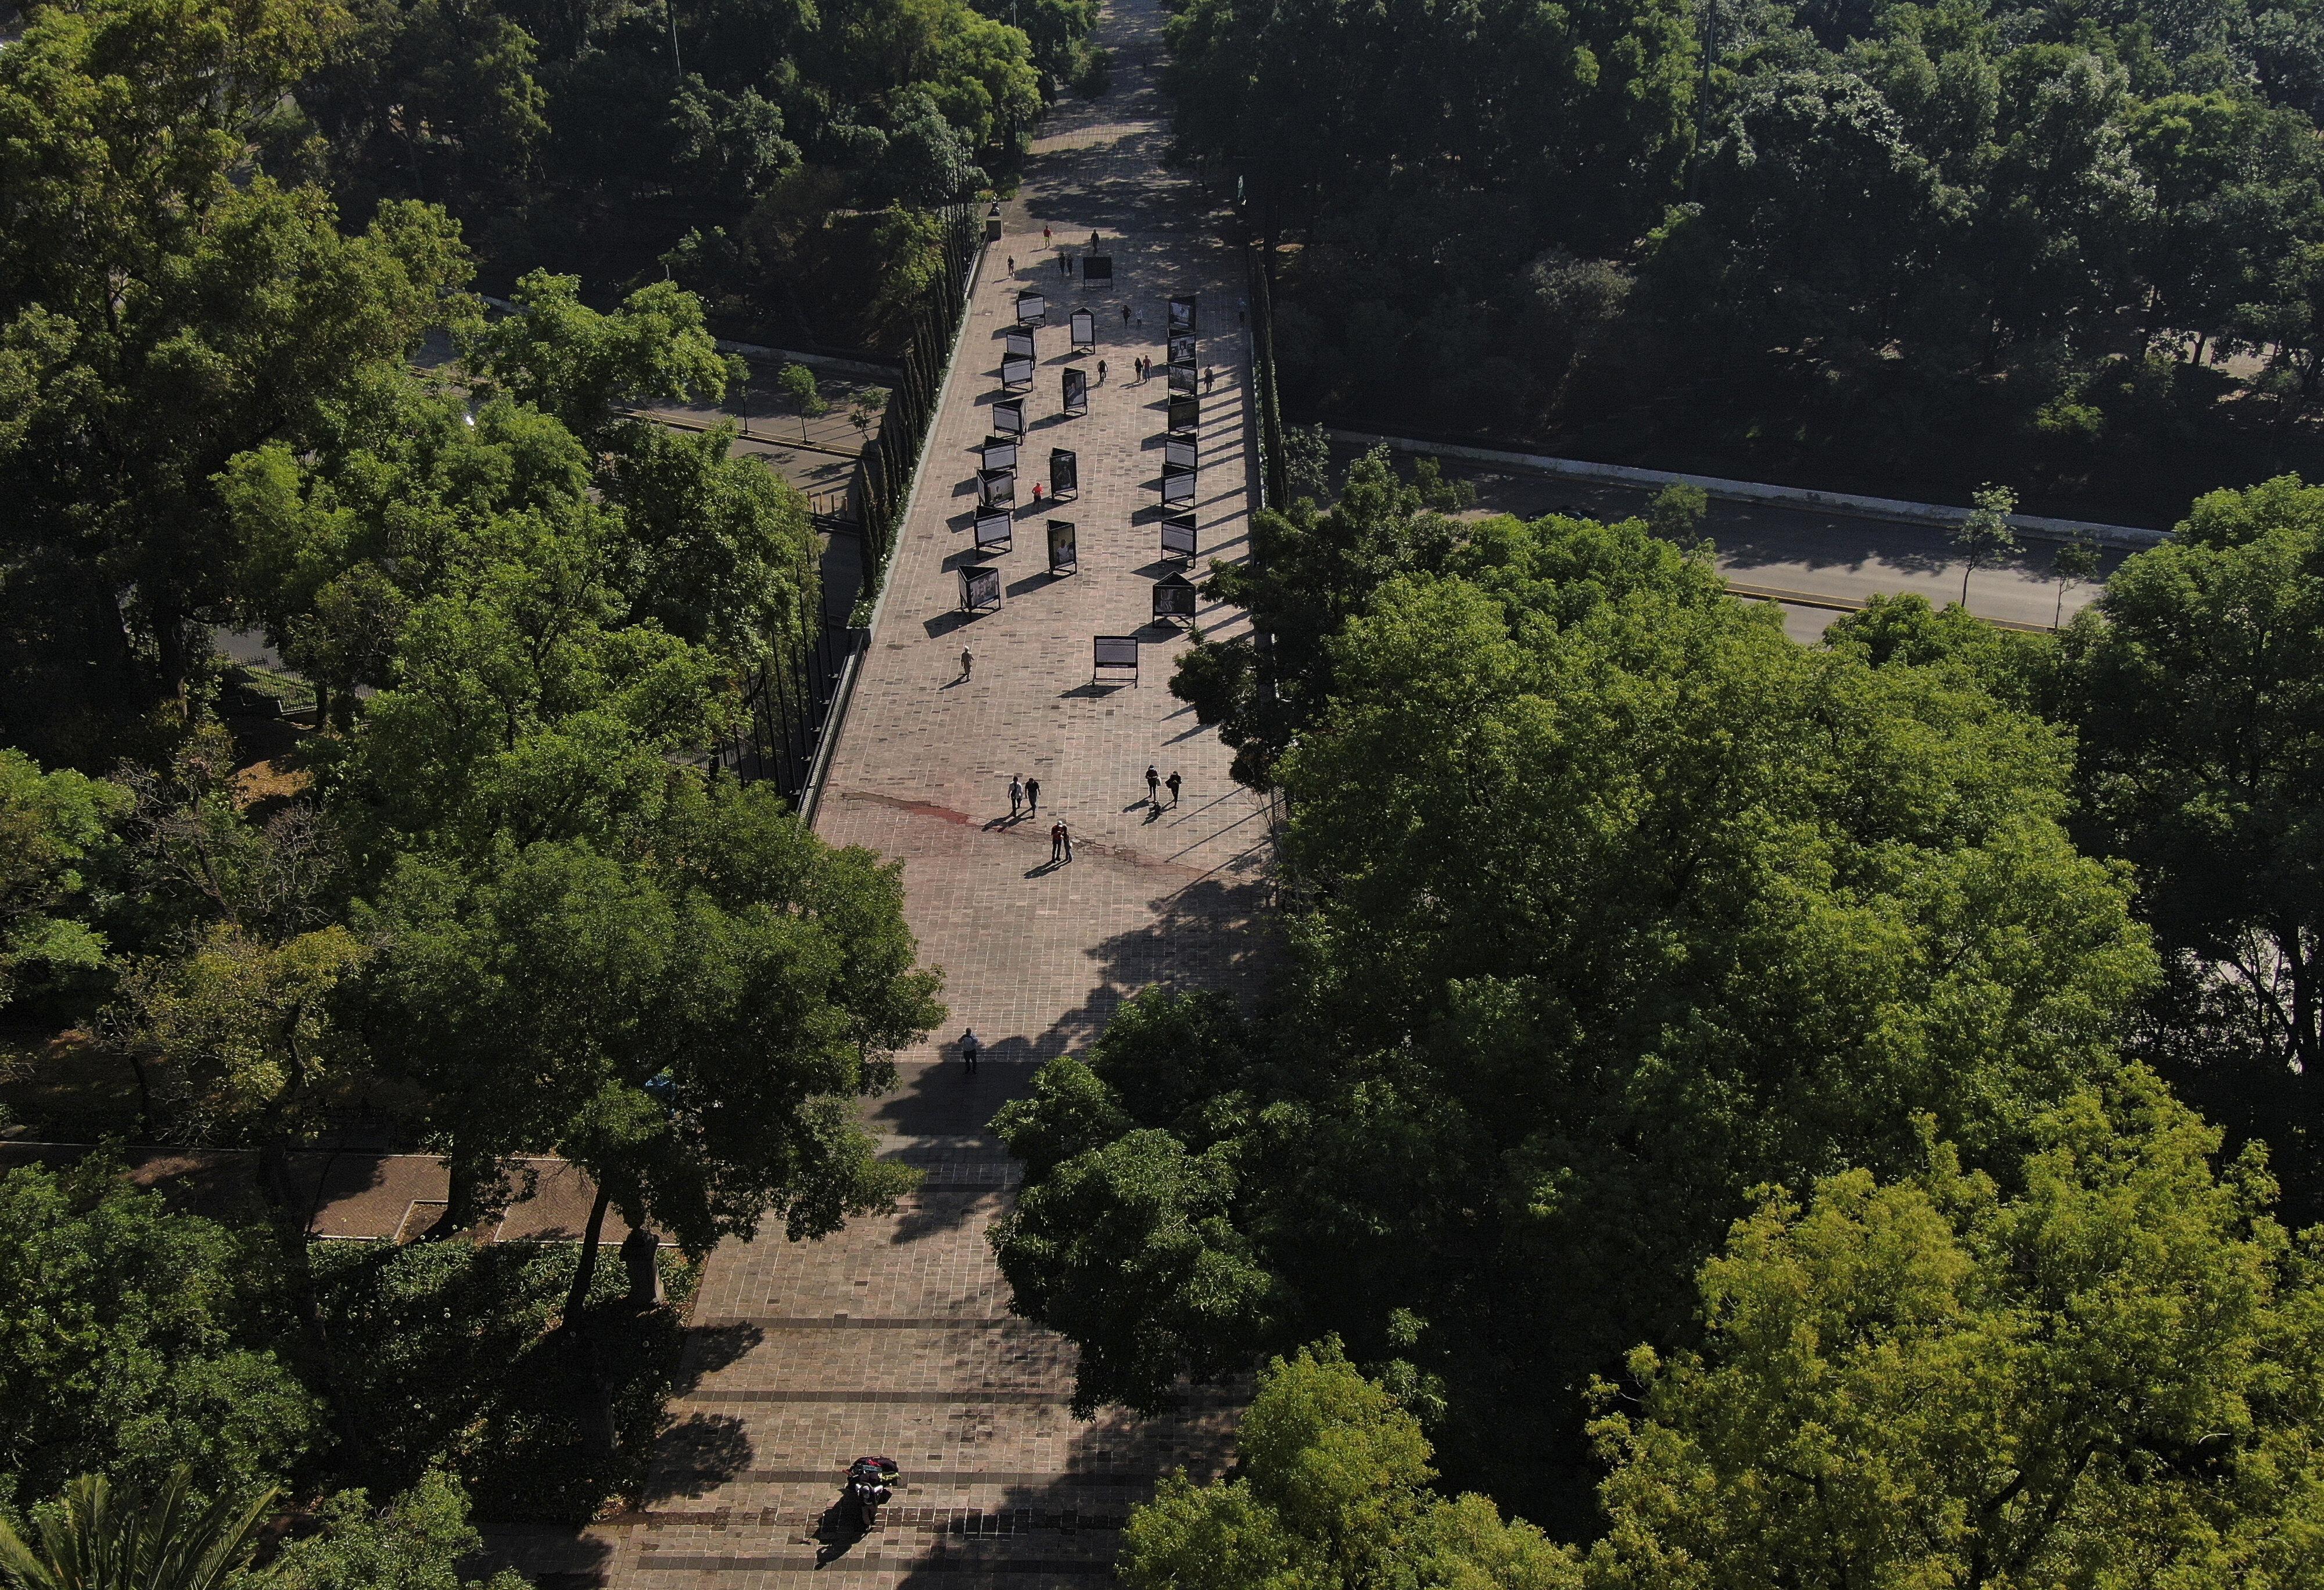 Unos pocos peatones caminan cerca de la entrada del parque Chapultepec en la Ciudad de México, el domingo 22 de marzo de 2020.